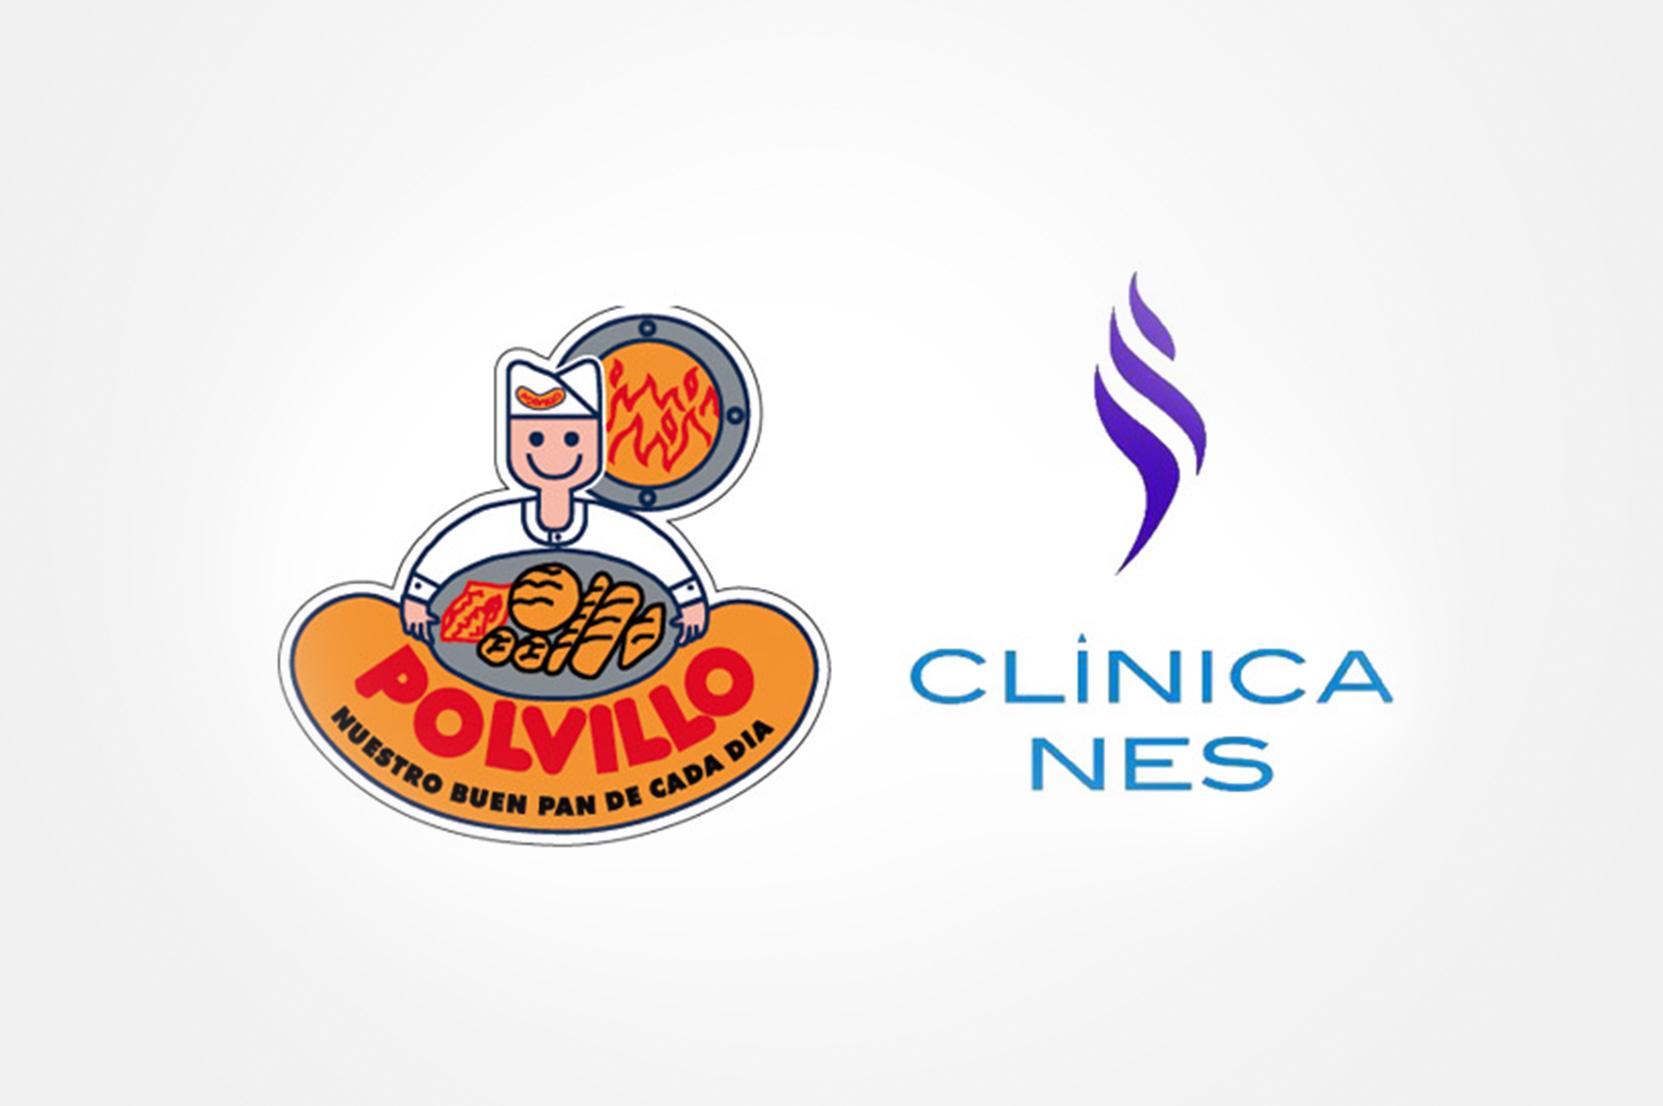 Clinica Nes colabora con el Reto Polvillo